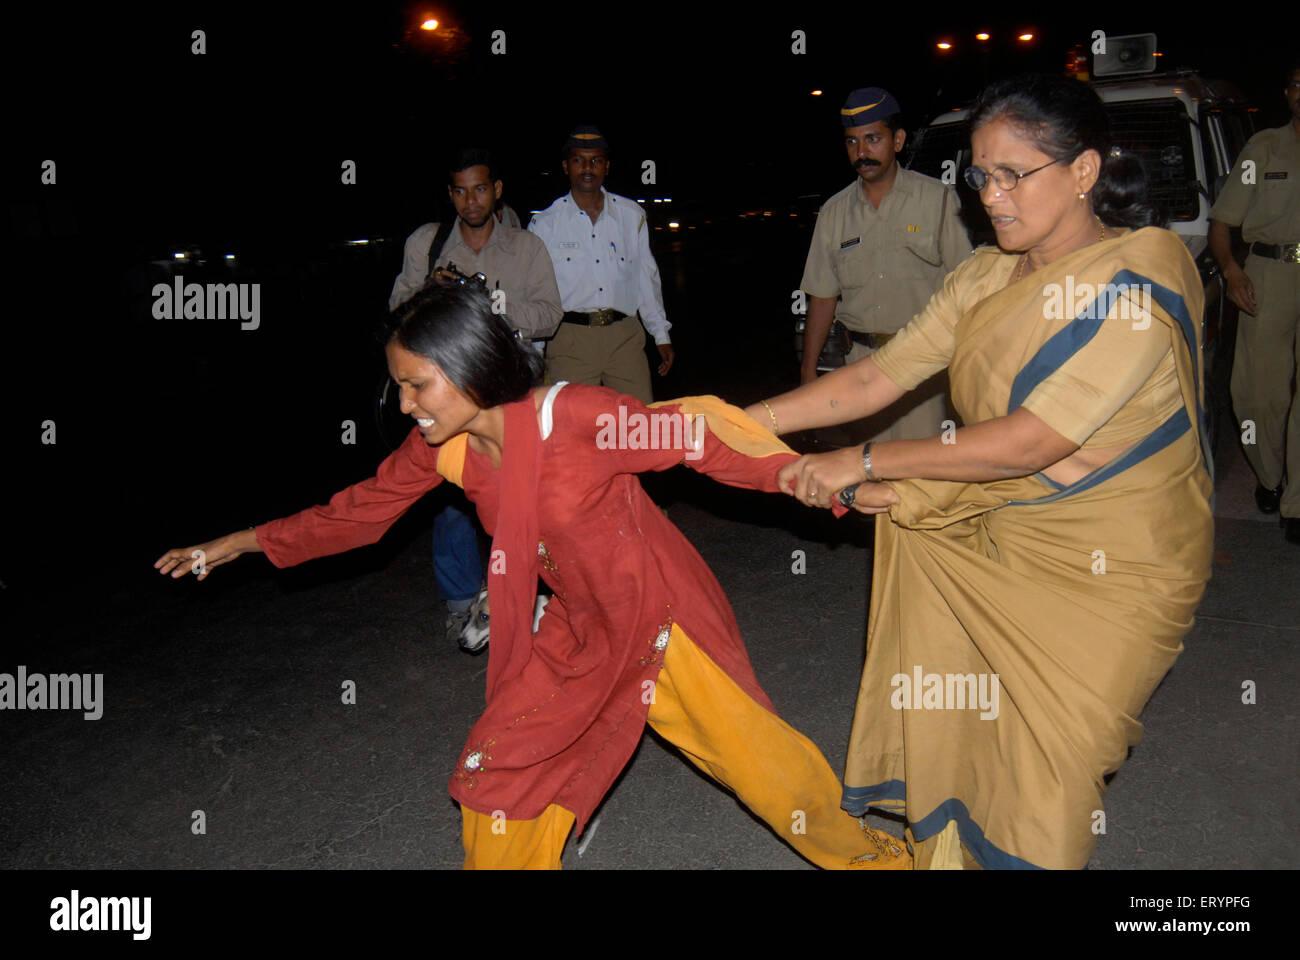 Faites glisser le gendarme dame manifestant étudiant en fourgon de police comme protestation contre les politiques Photo Stock